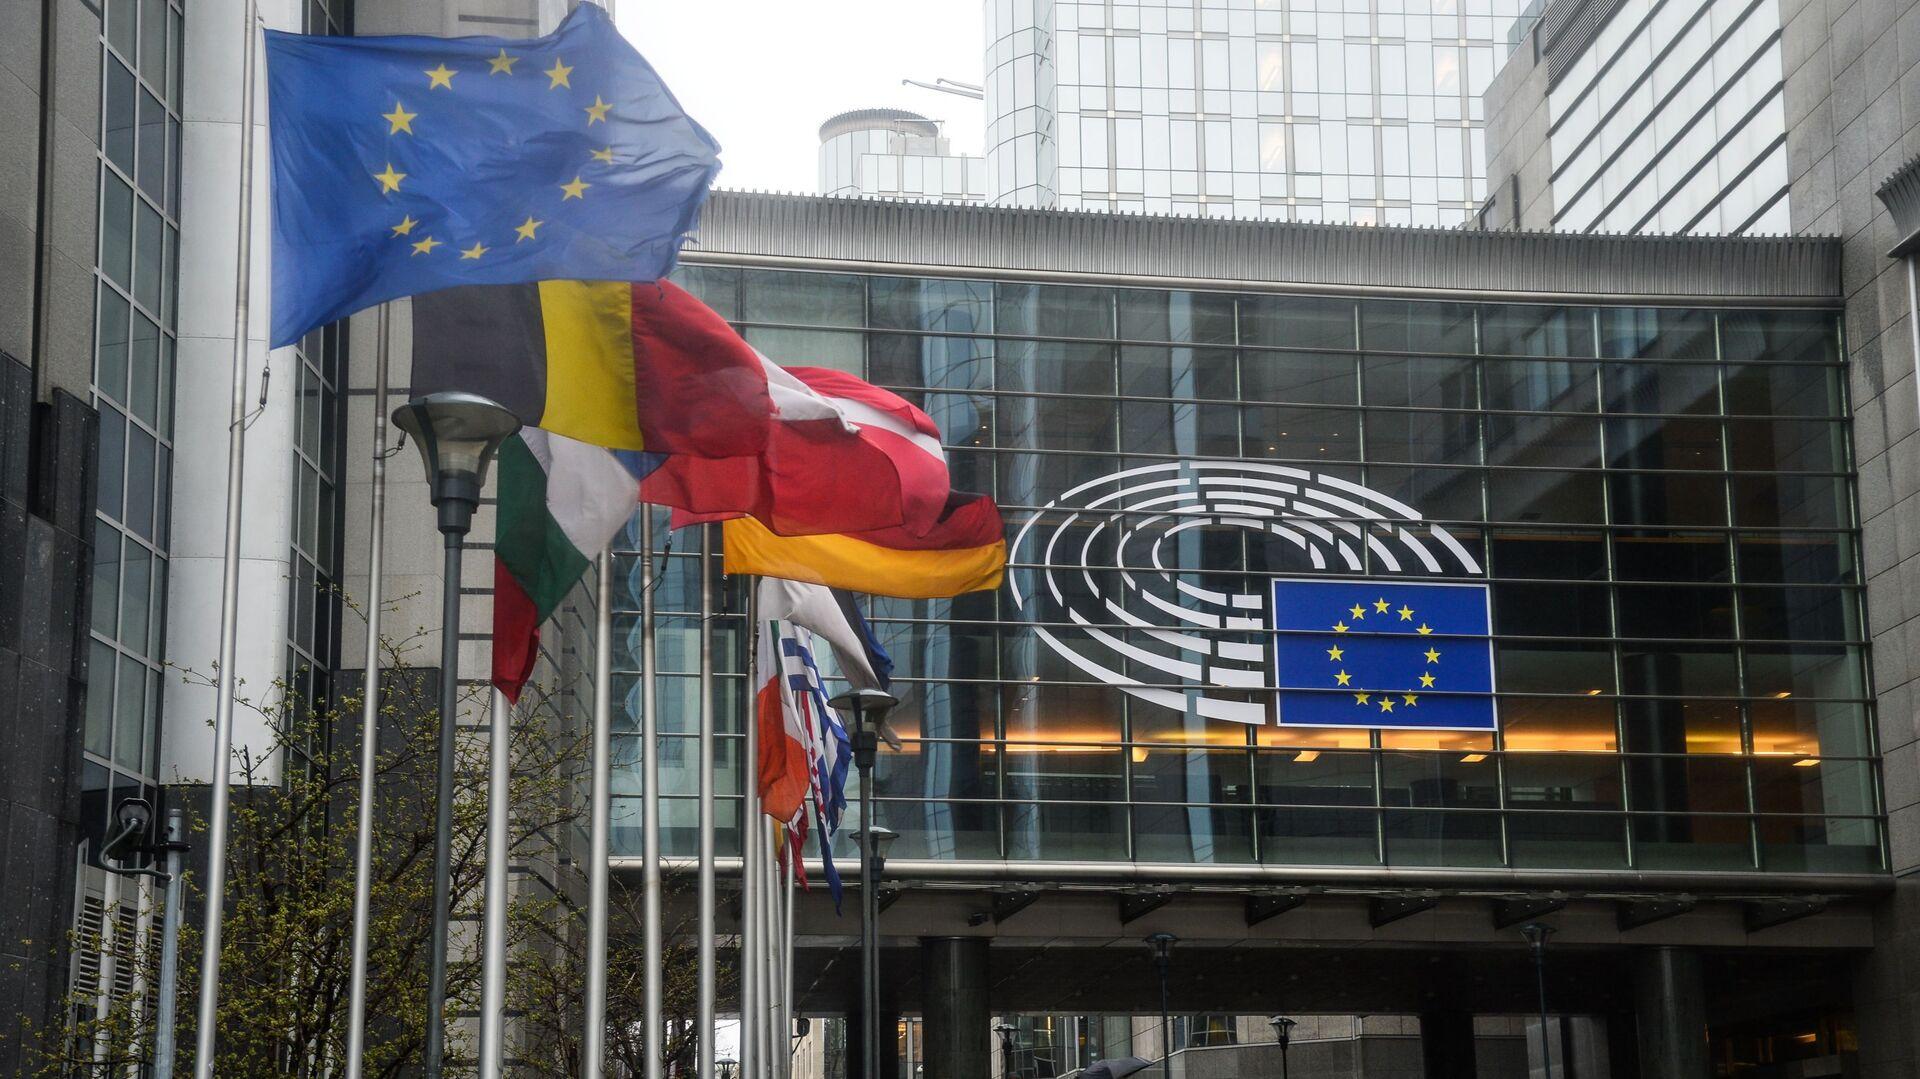 Sede del Parlamento Europeo en Estrasburgo - Sputnik Mundo, 1920, 11.04.2021